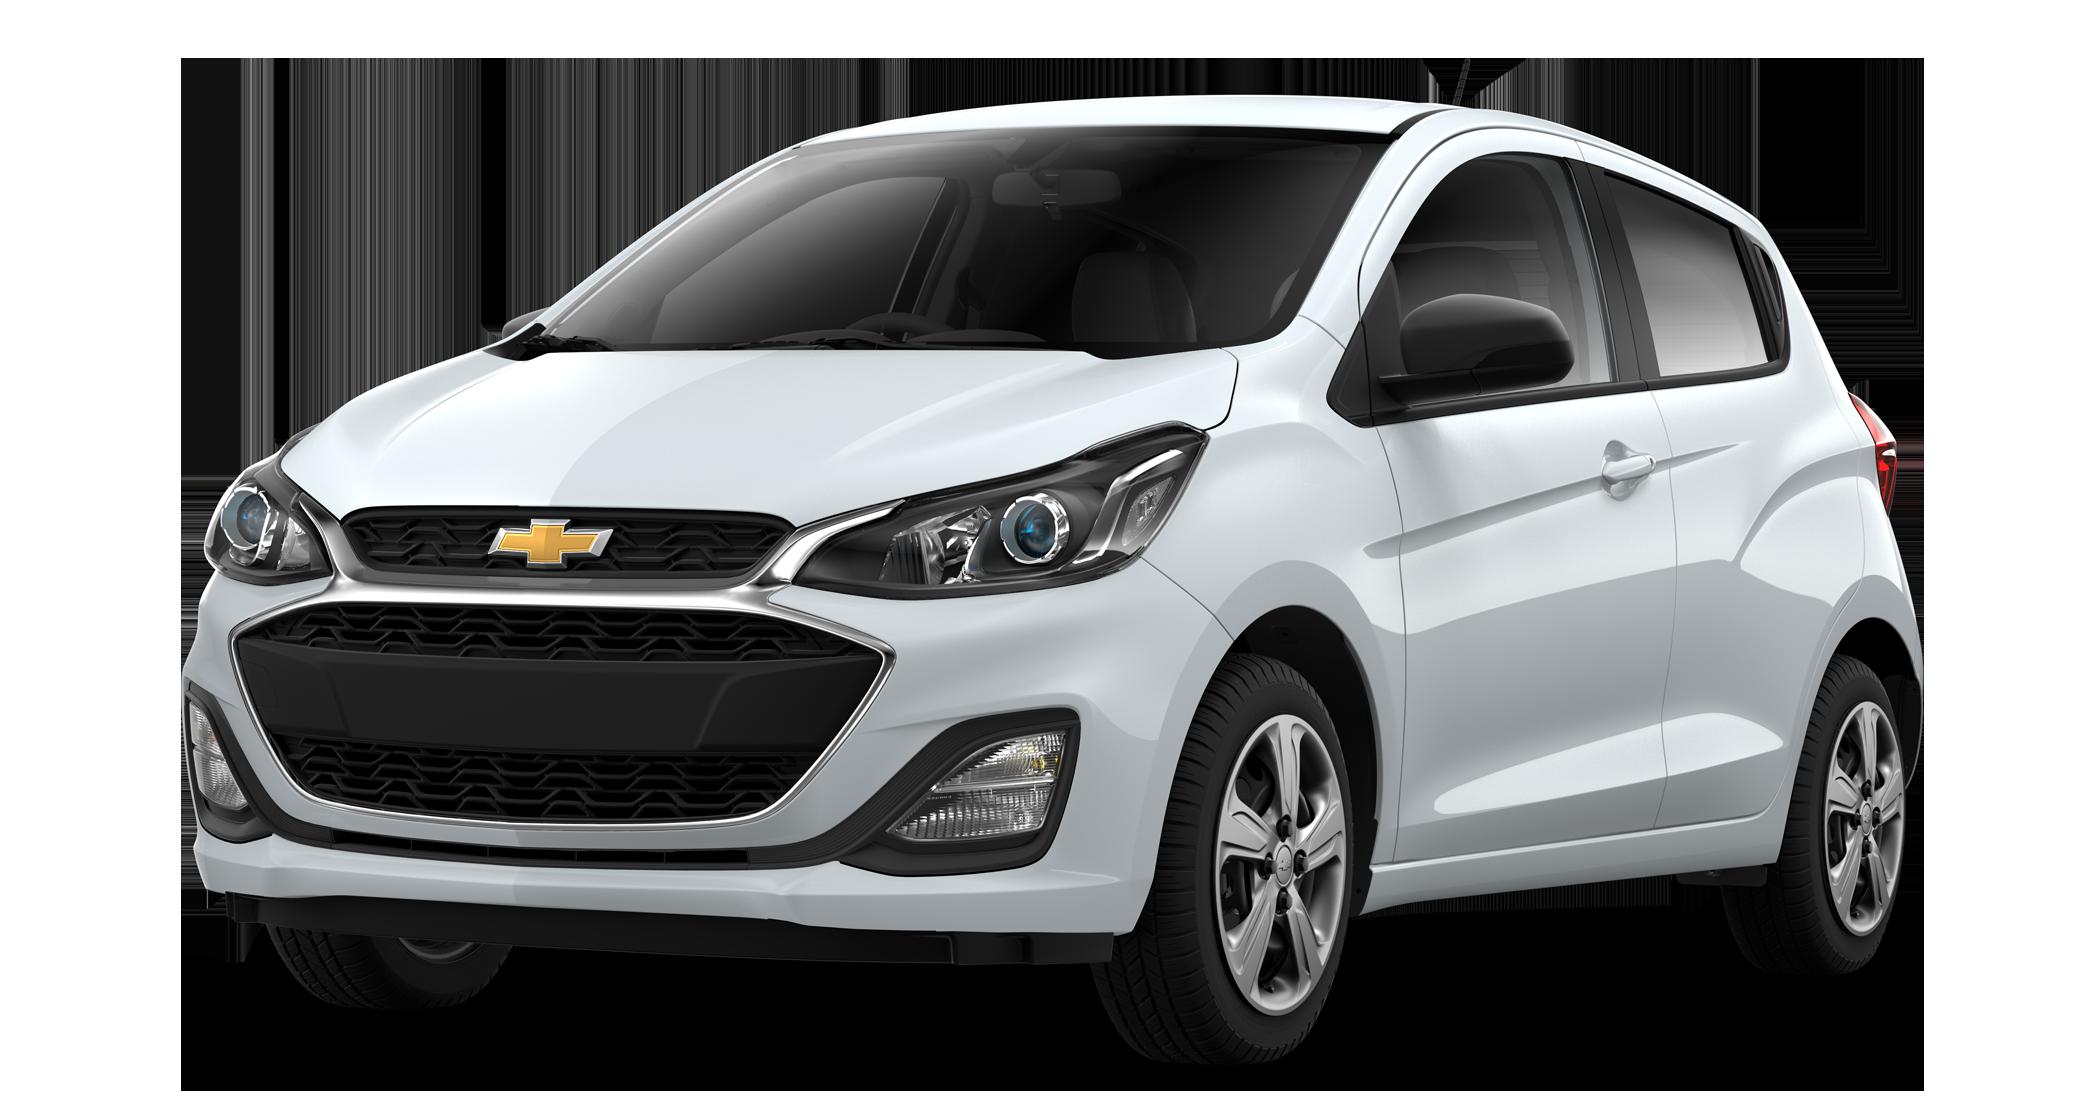 Kelebihan Kekurangan Spark Chevrolet 2019 Harga